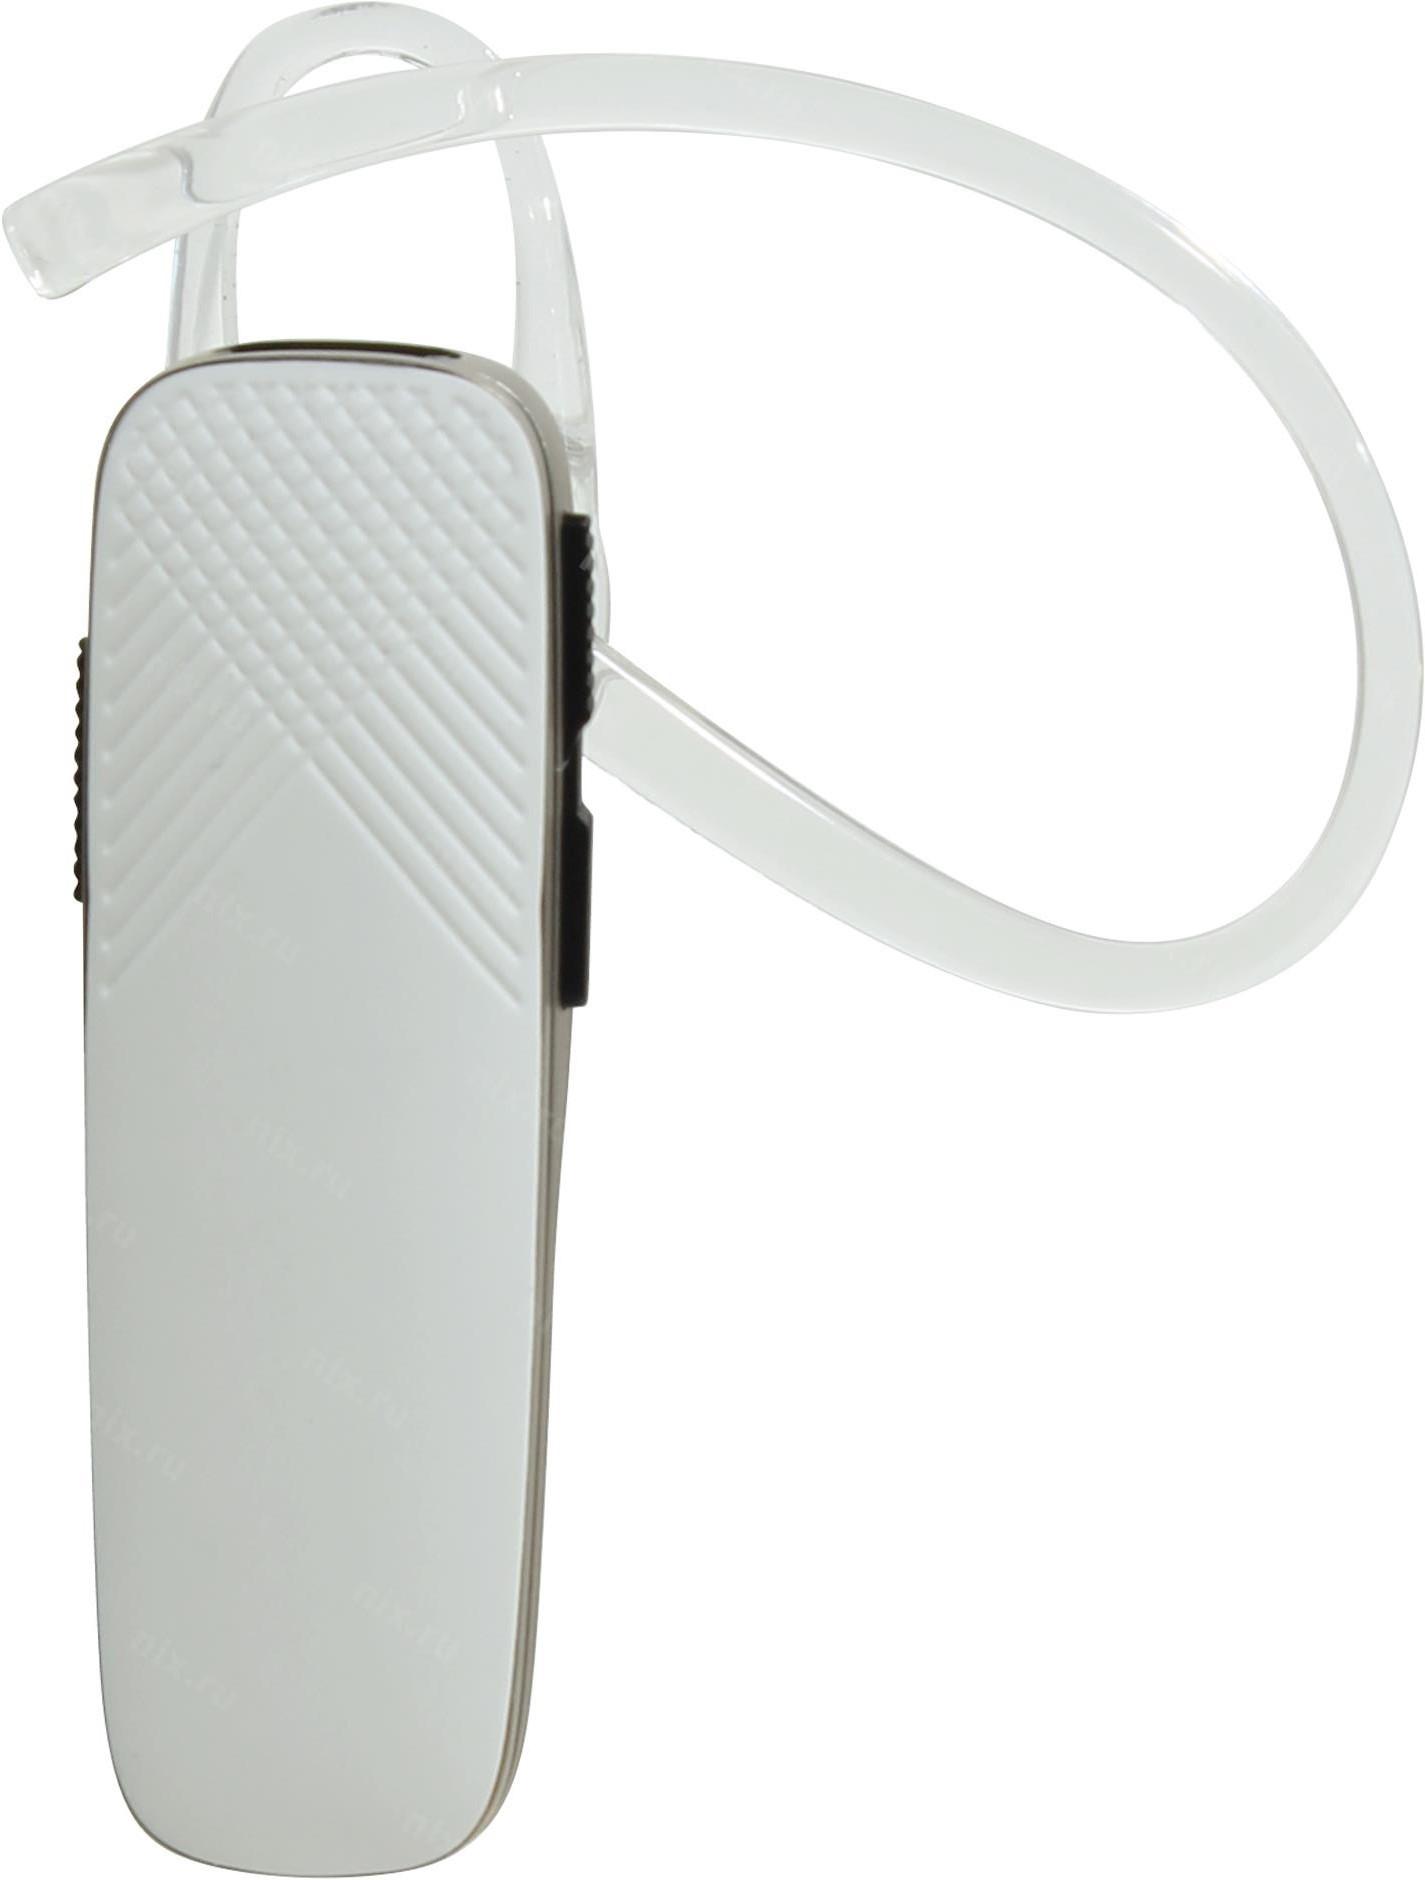 Гарнитура беспроводная Plantronics Explorer 500 White - Фото 1